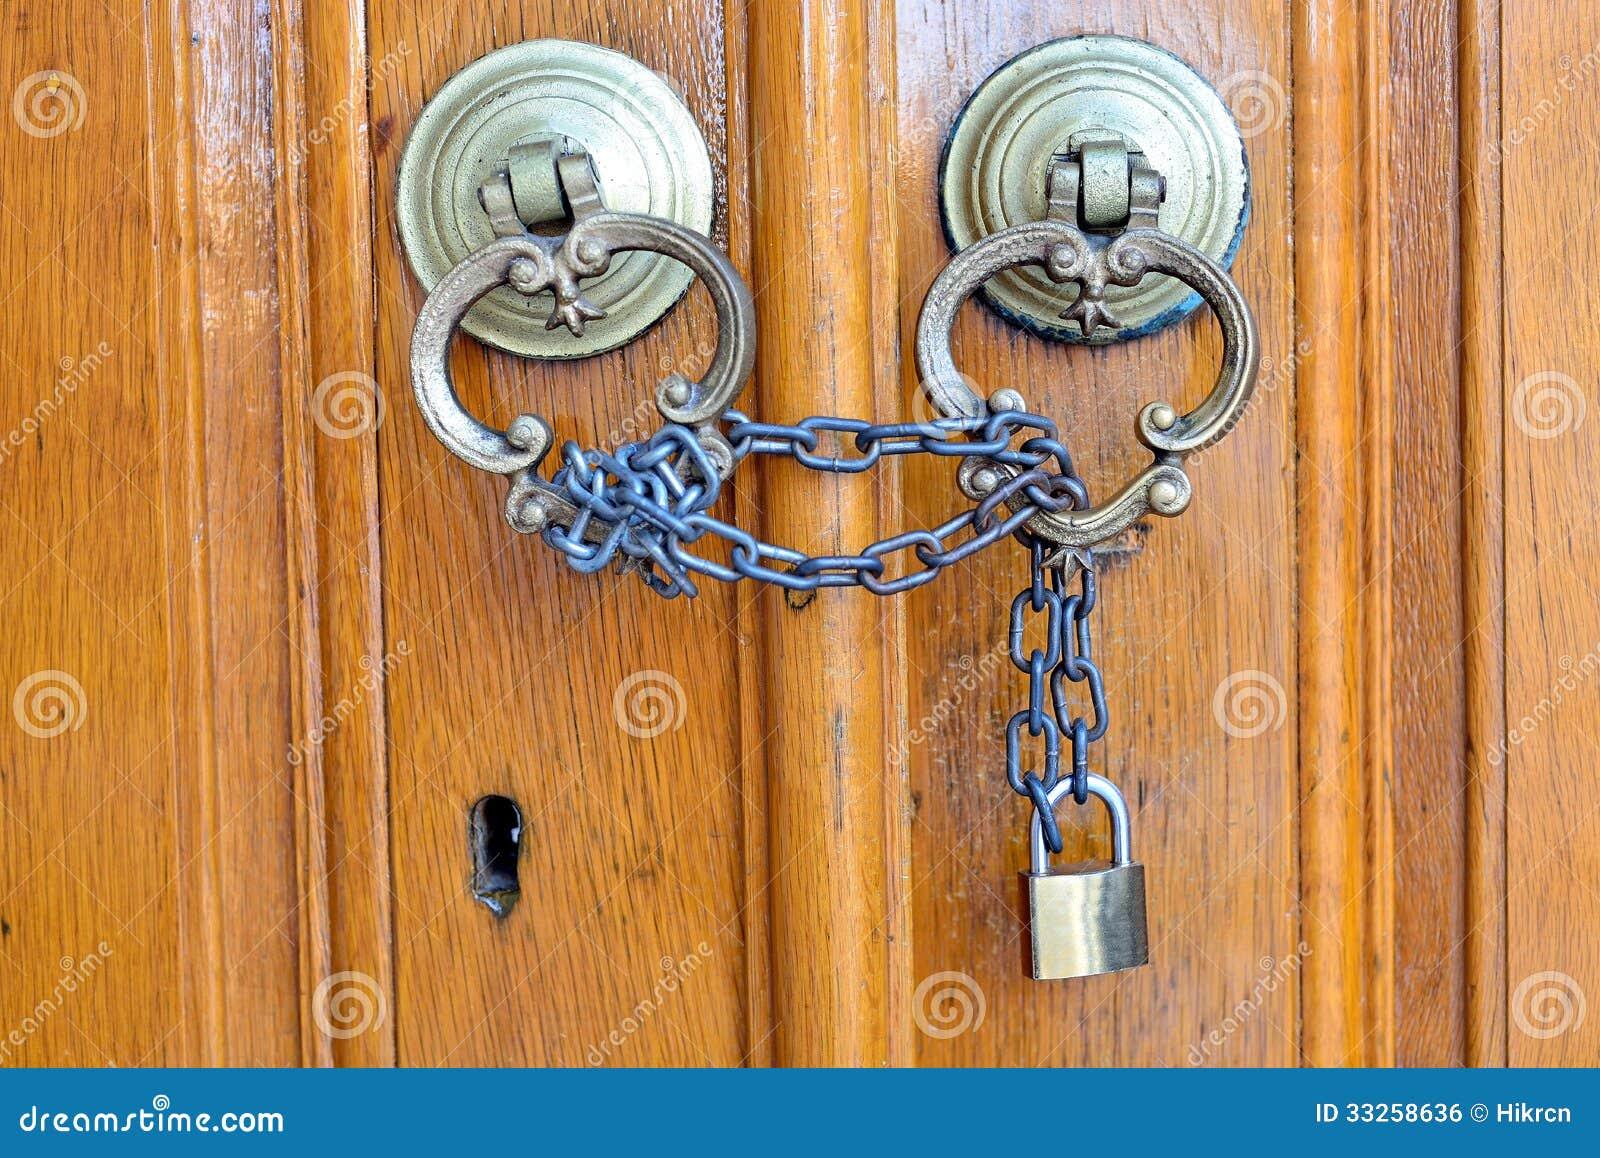 Old wooden door clipart - Locked Wooden Door